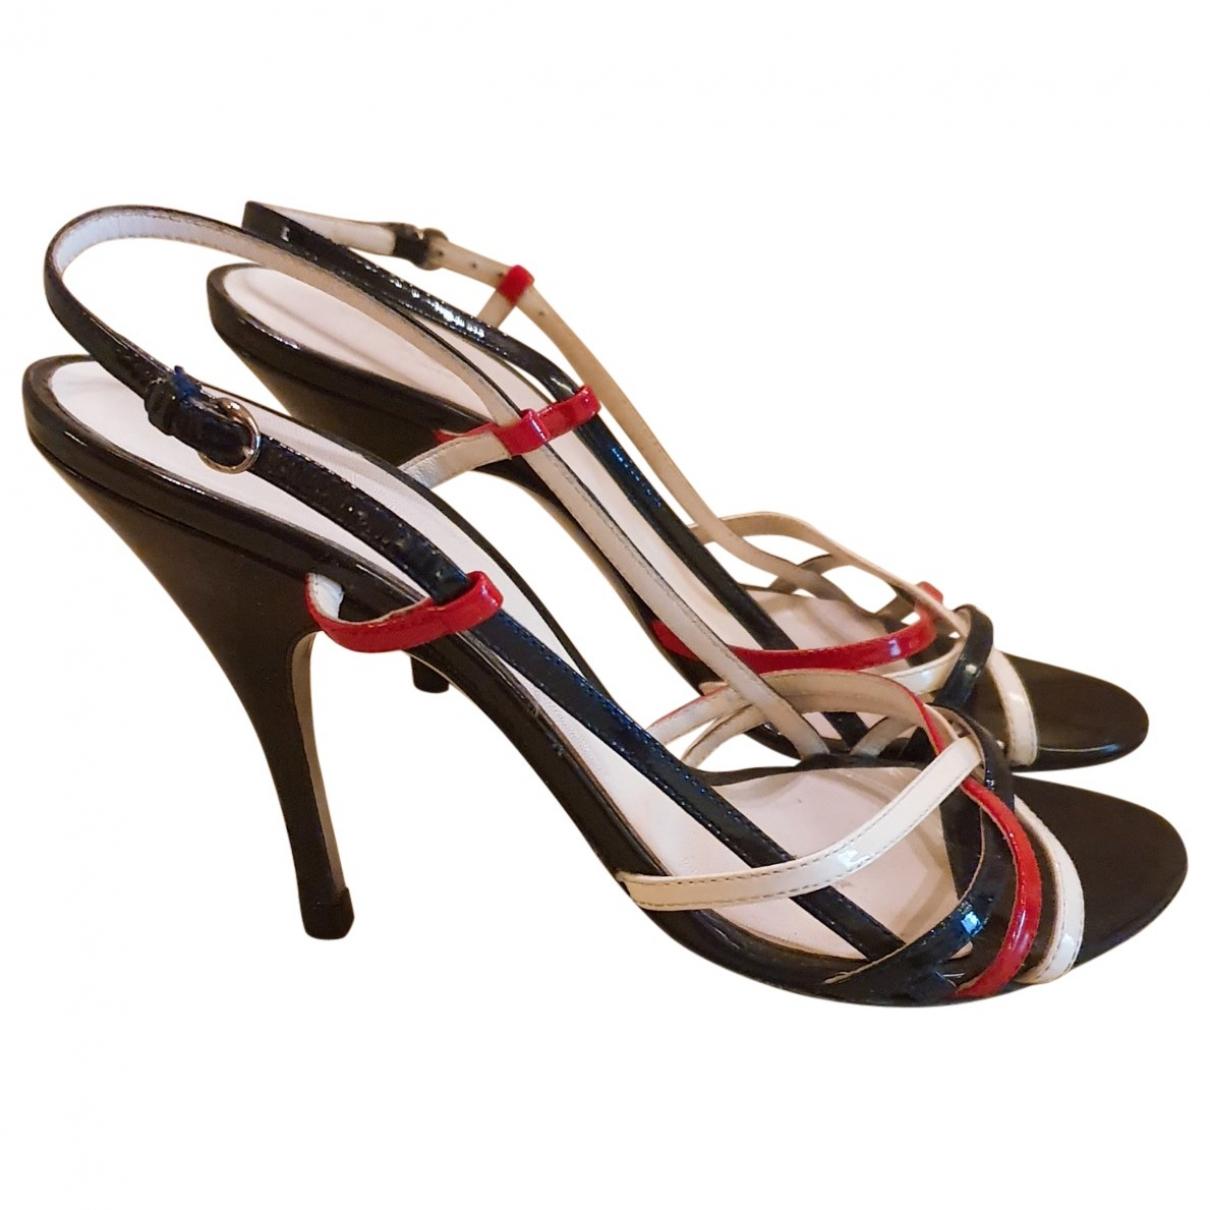 D&g - Sandales   pour femme en cuir verni - multicolore